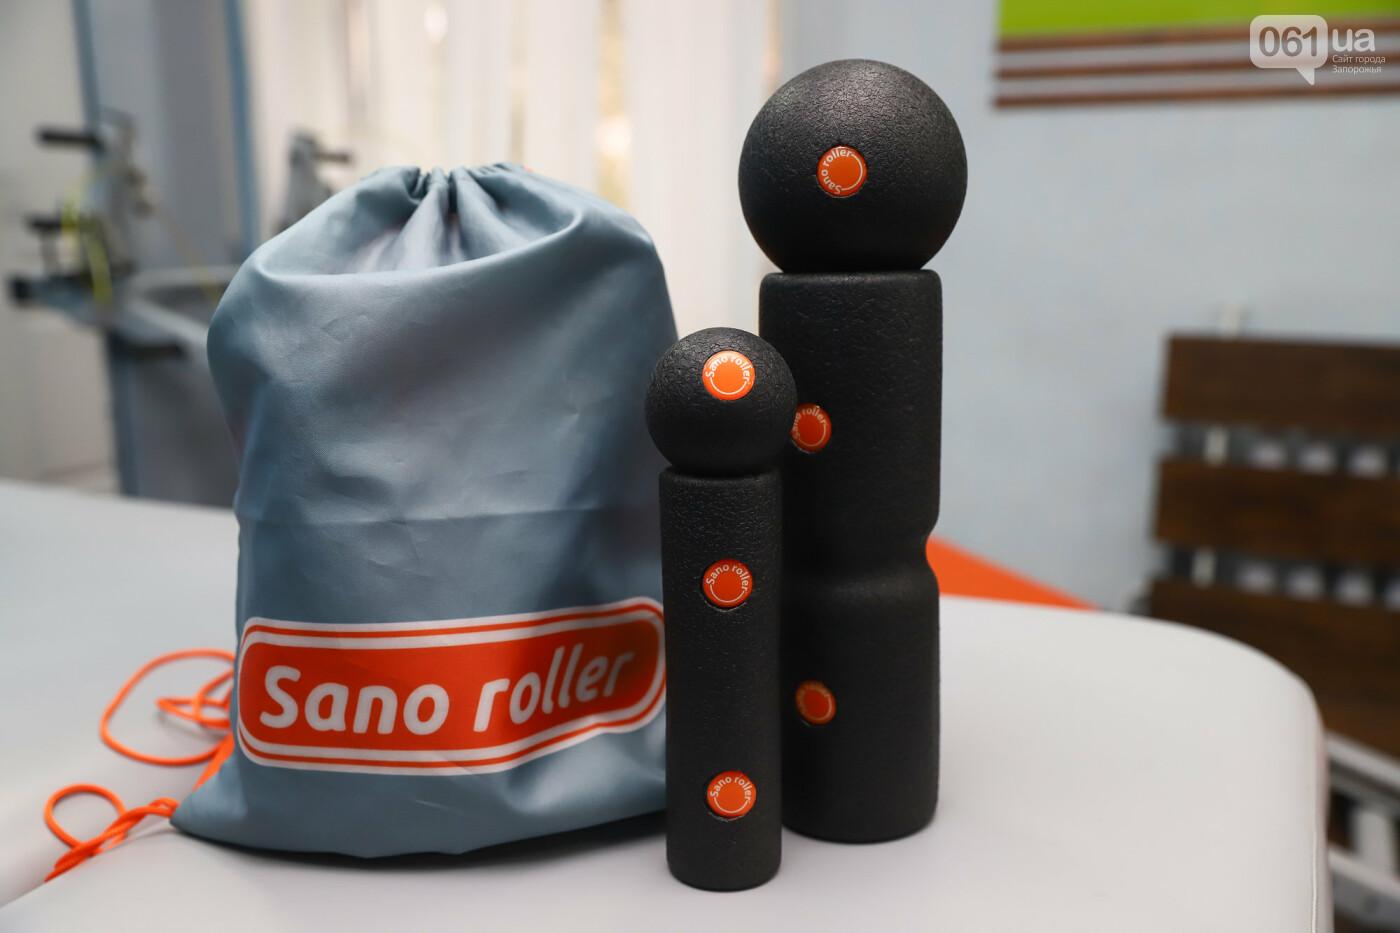 3D-исследование и уникальные тренажеры: как в запорожской клинике OrtoSano лечат болезни позвоночника и суставов, фото-14